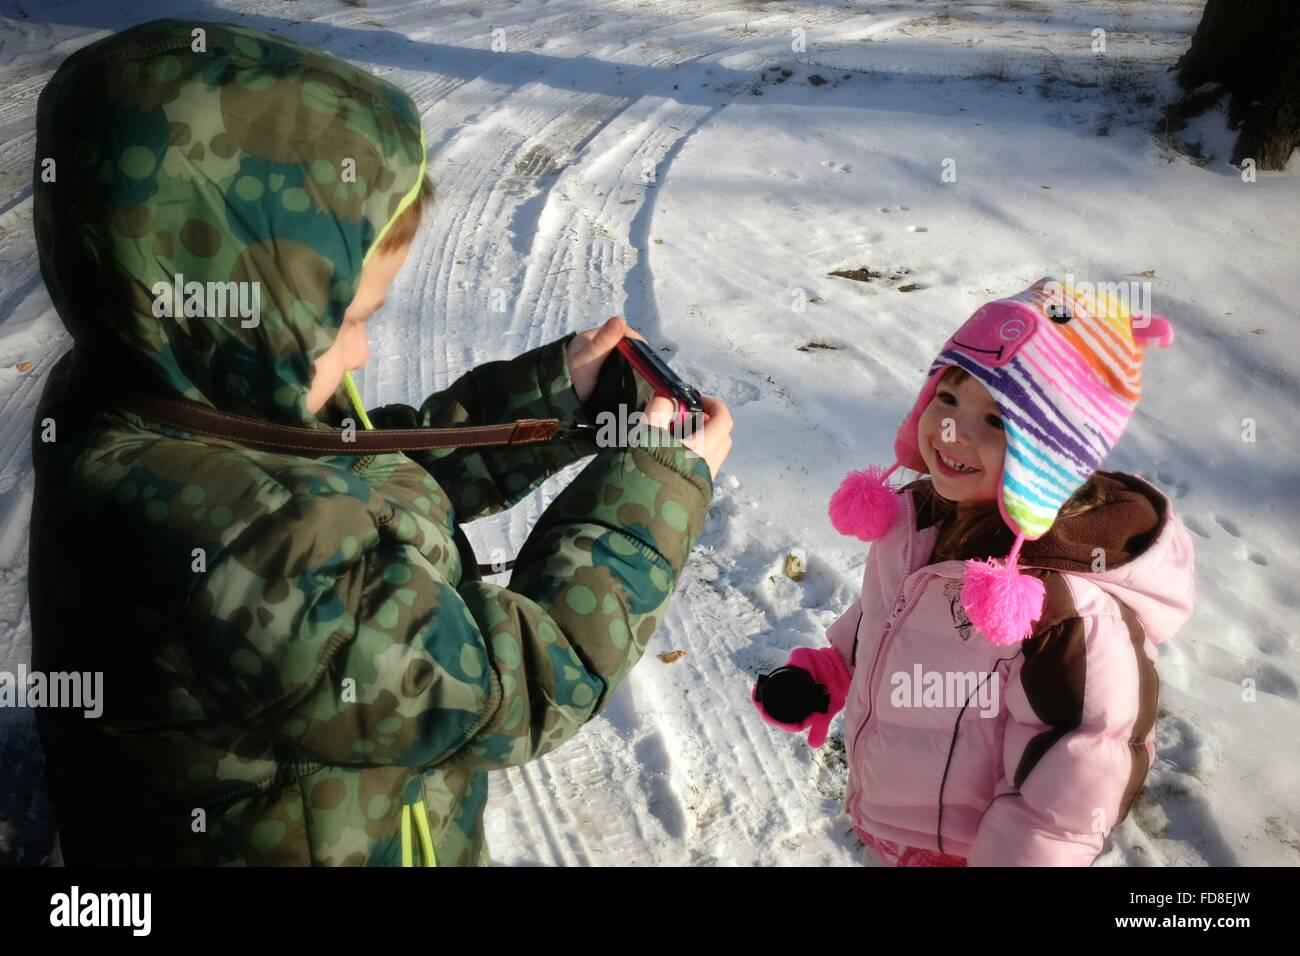 Frère Soeur photographier sur le terrain couvert de neige Photo Stock